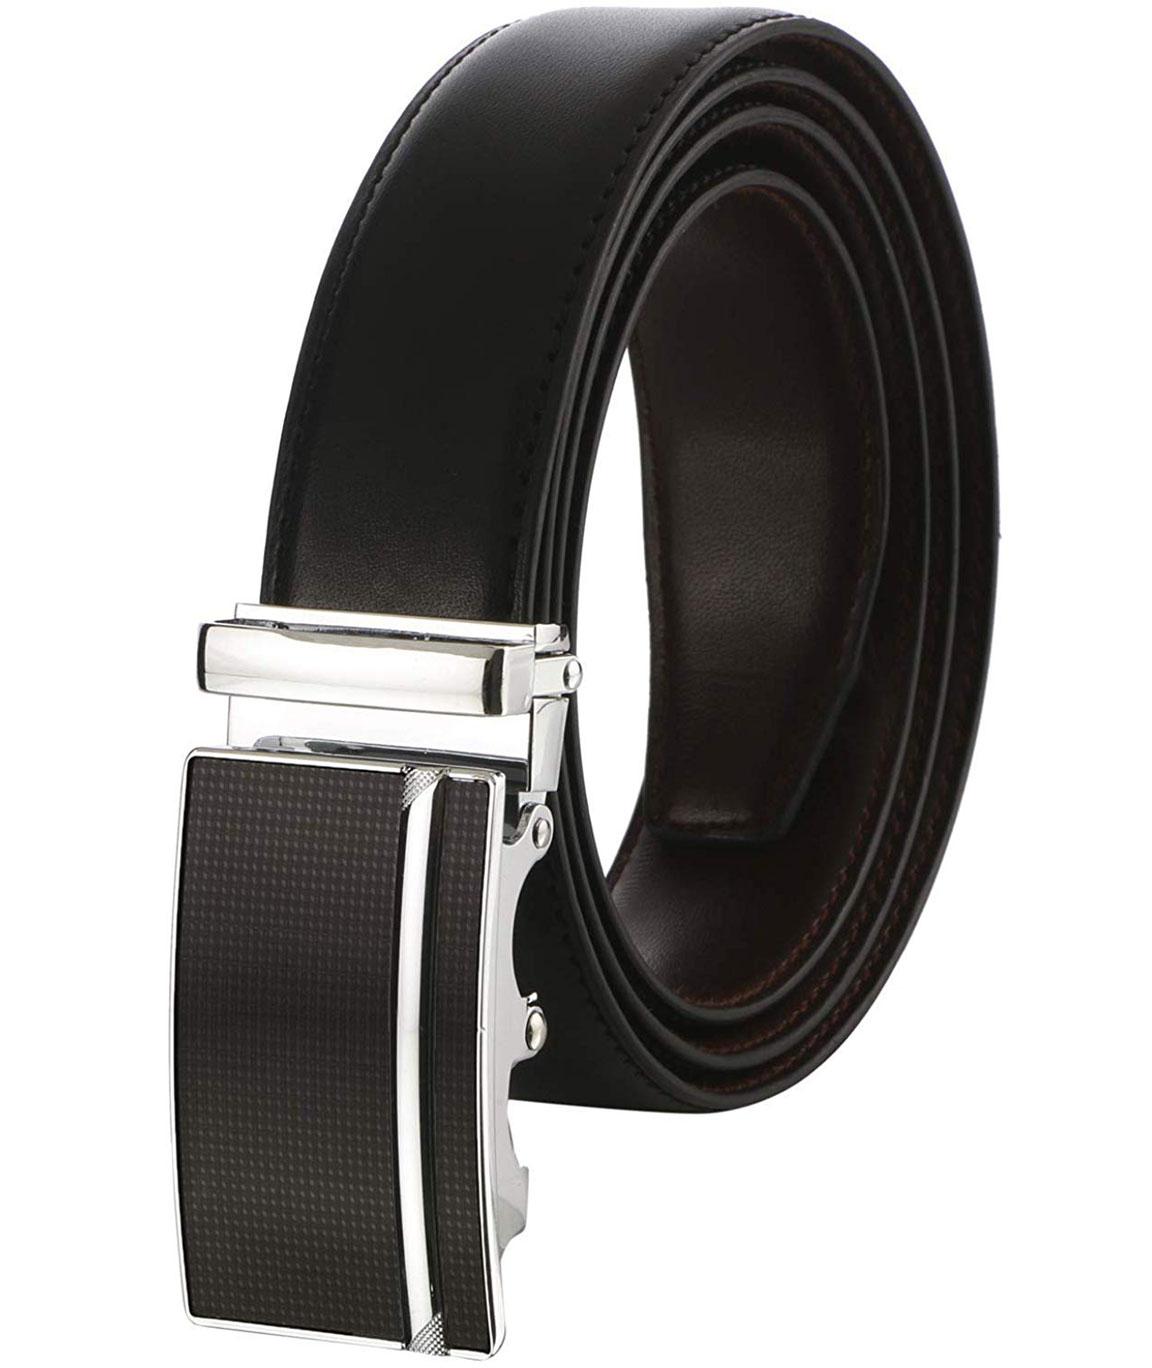 ZORO Reversible PU belt for men, formal black and brown belt, gift for gents, gents belt, mens belt RSTX-13-